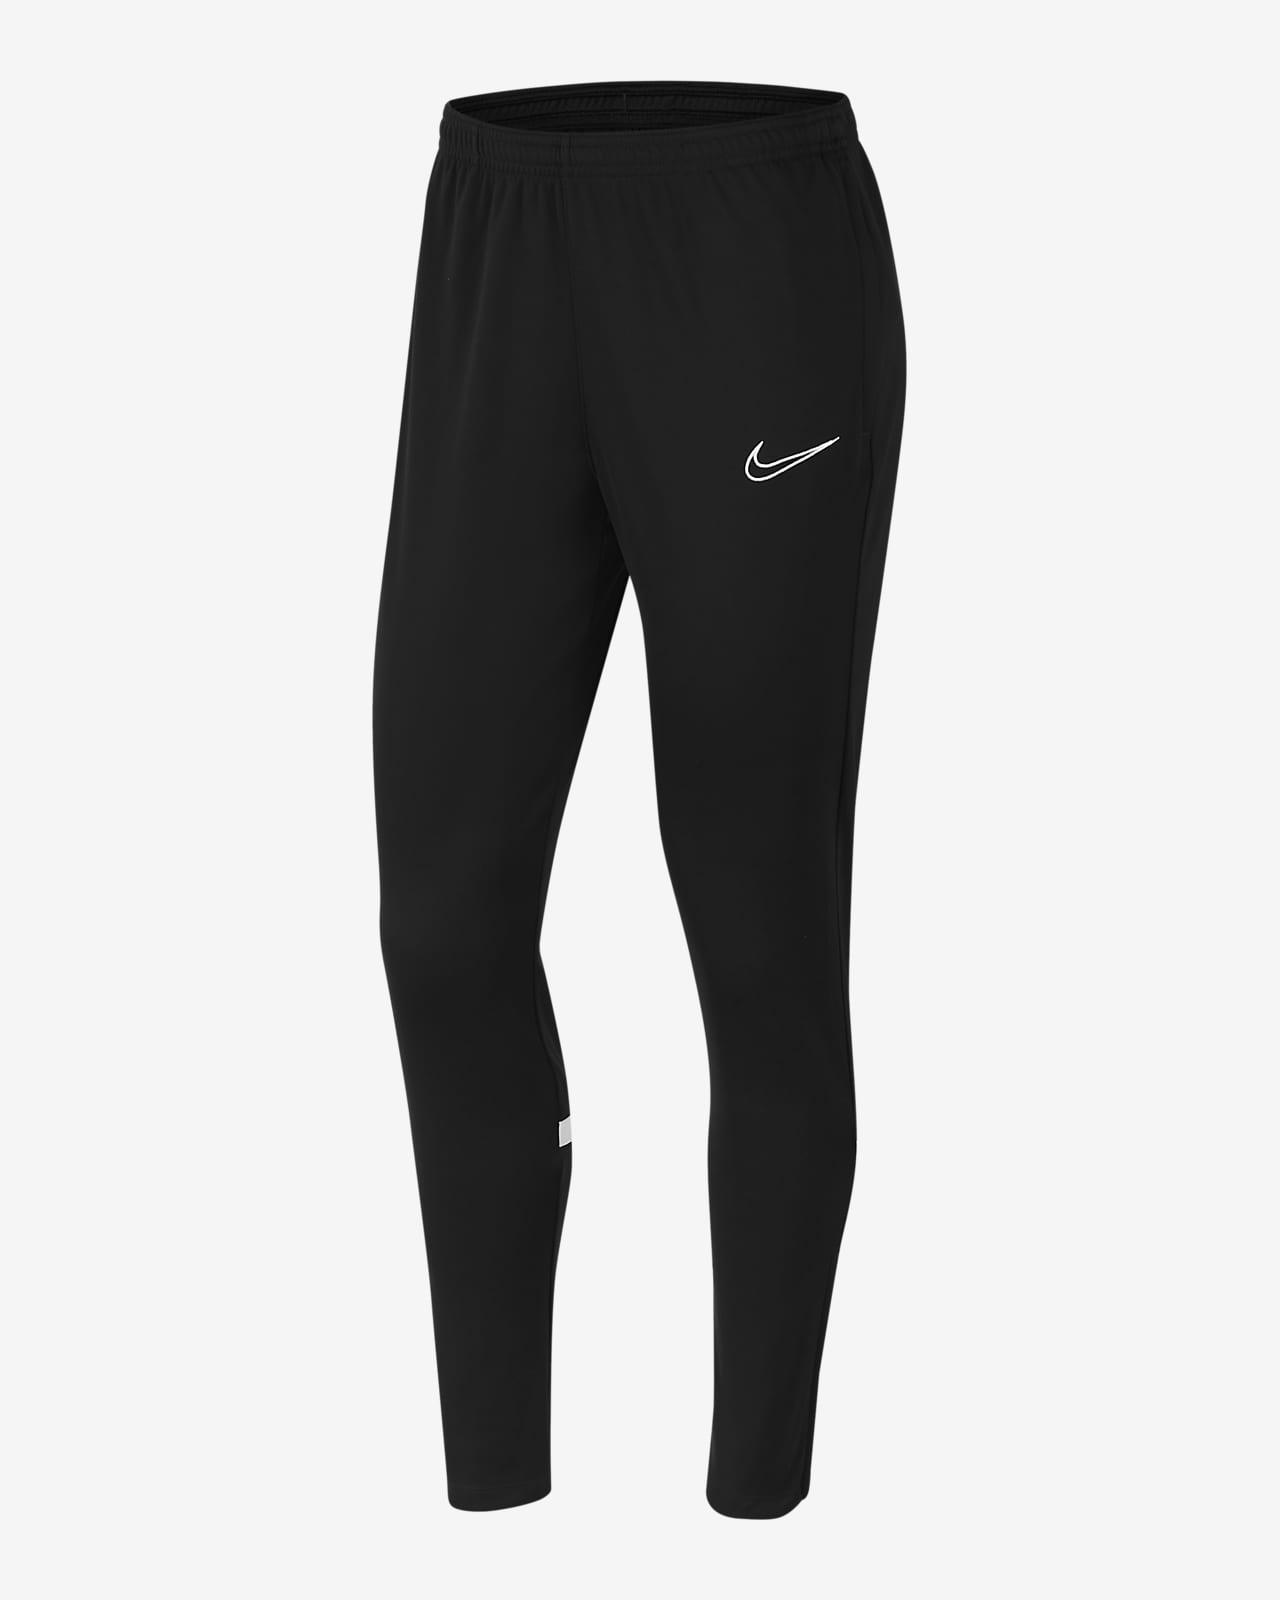 Pantalones de fútbol para mujer Nike Dri-FIT Academy